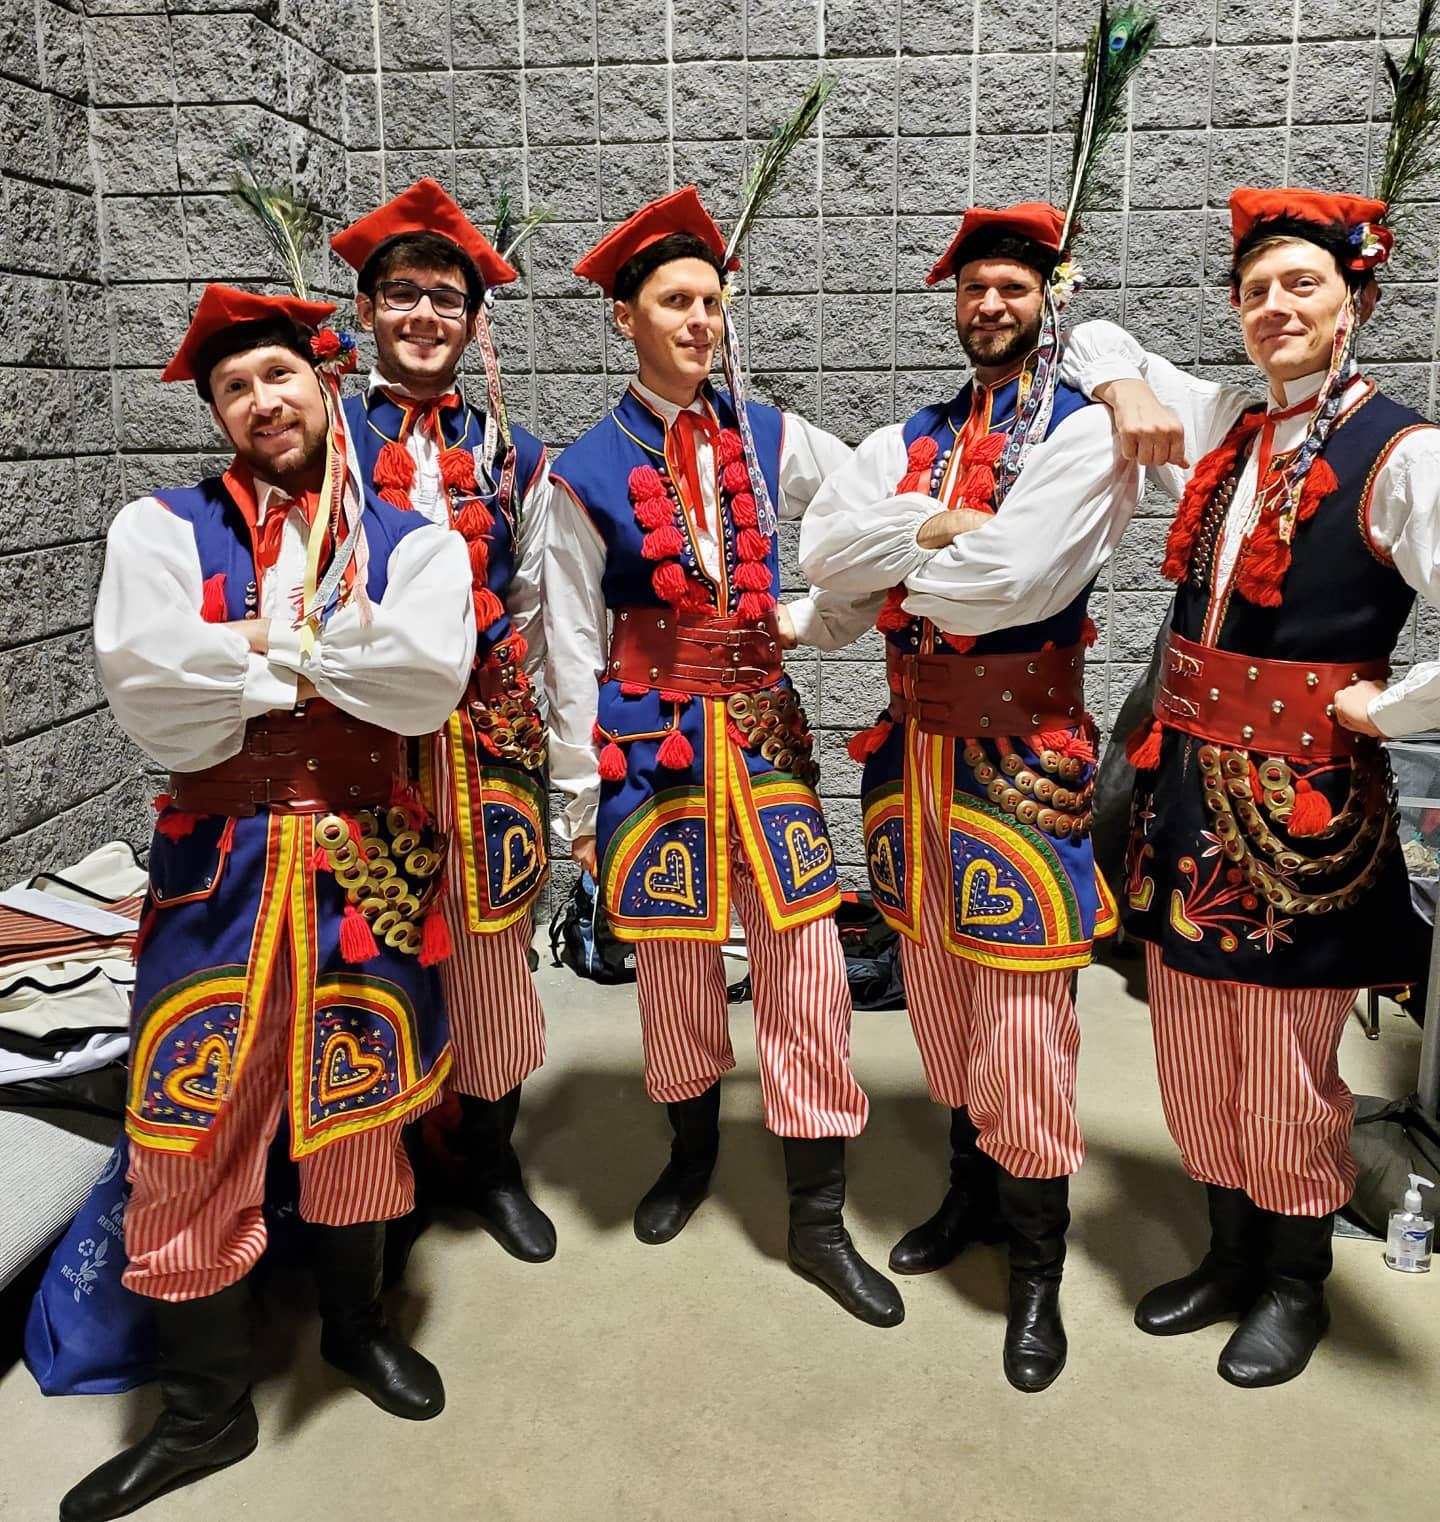 Carpathia Folk Dance Ensemble